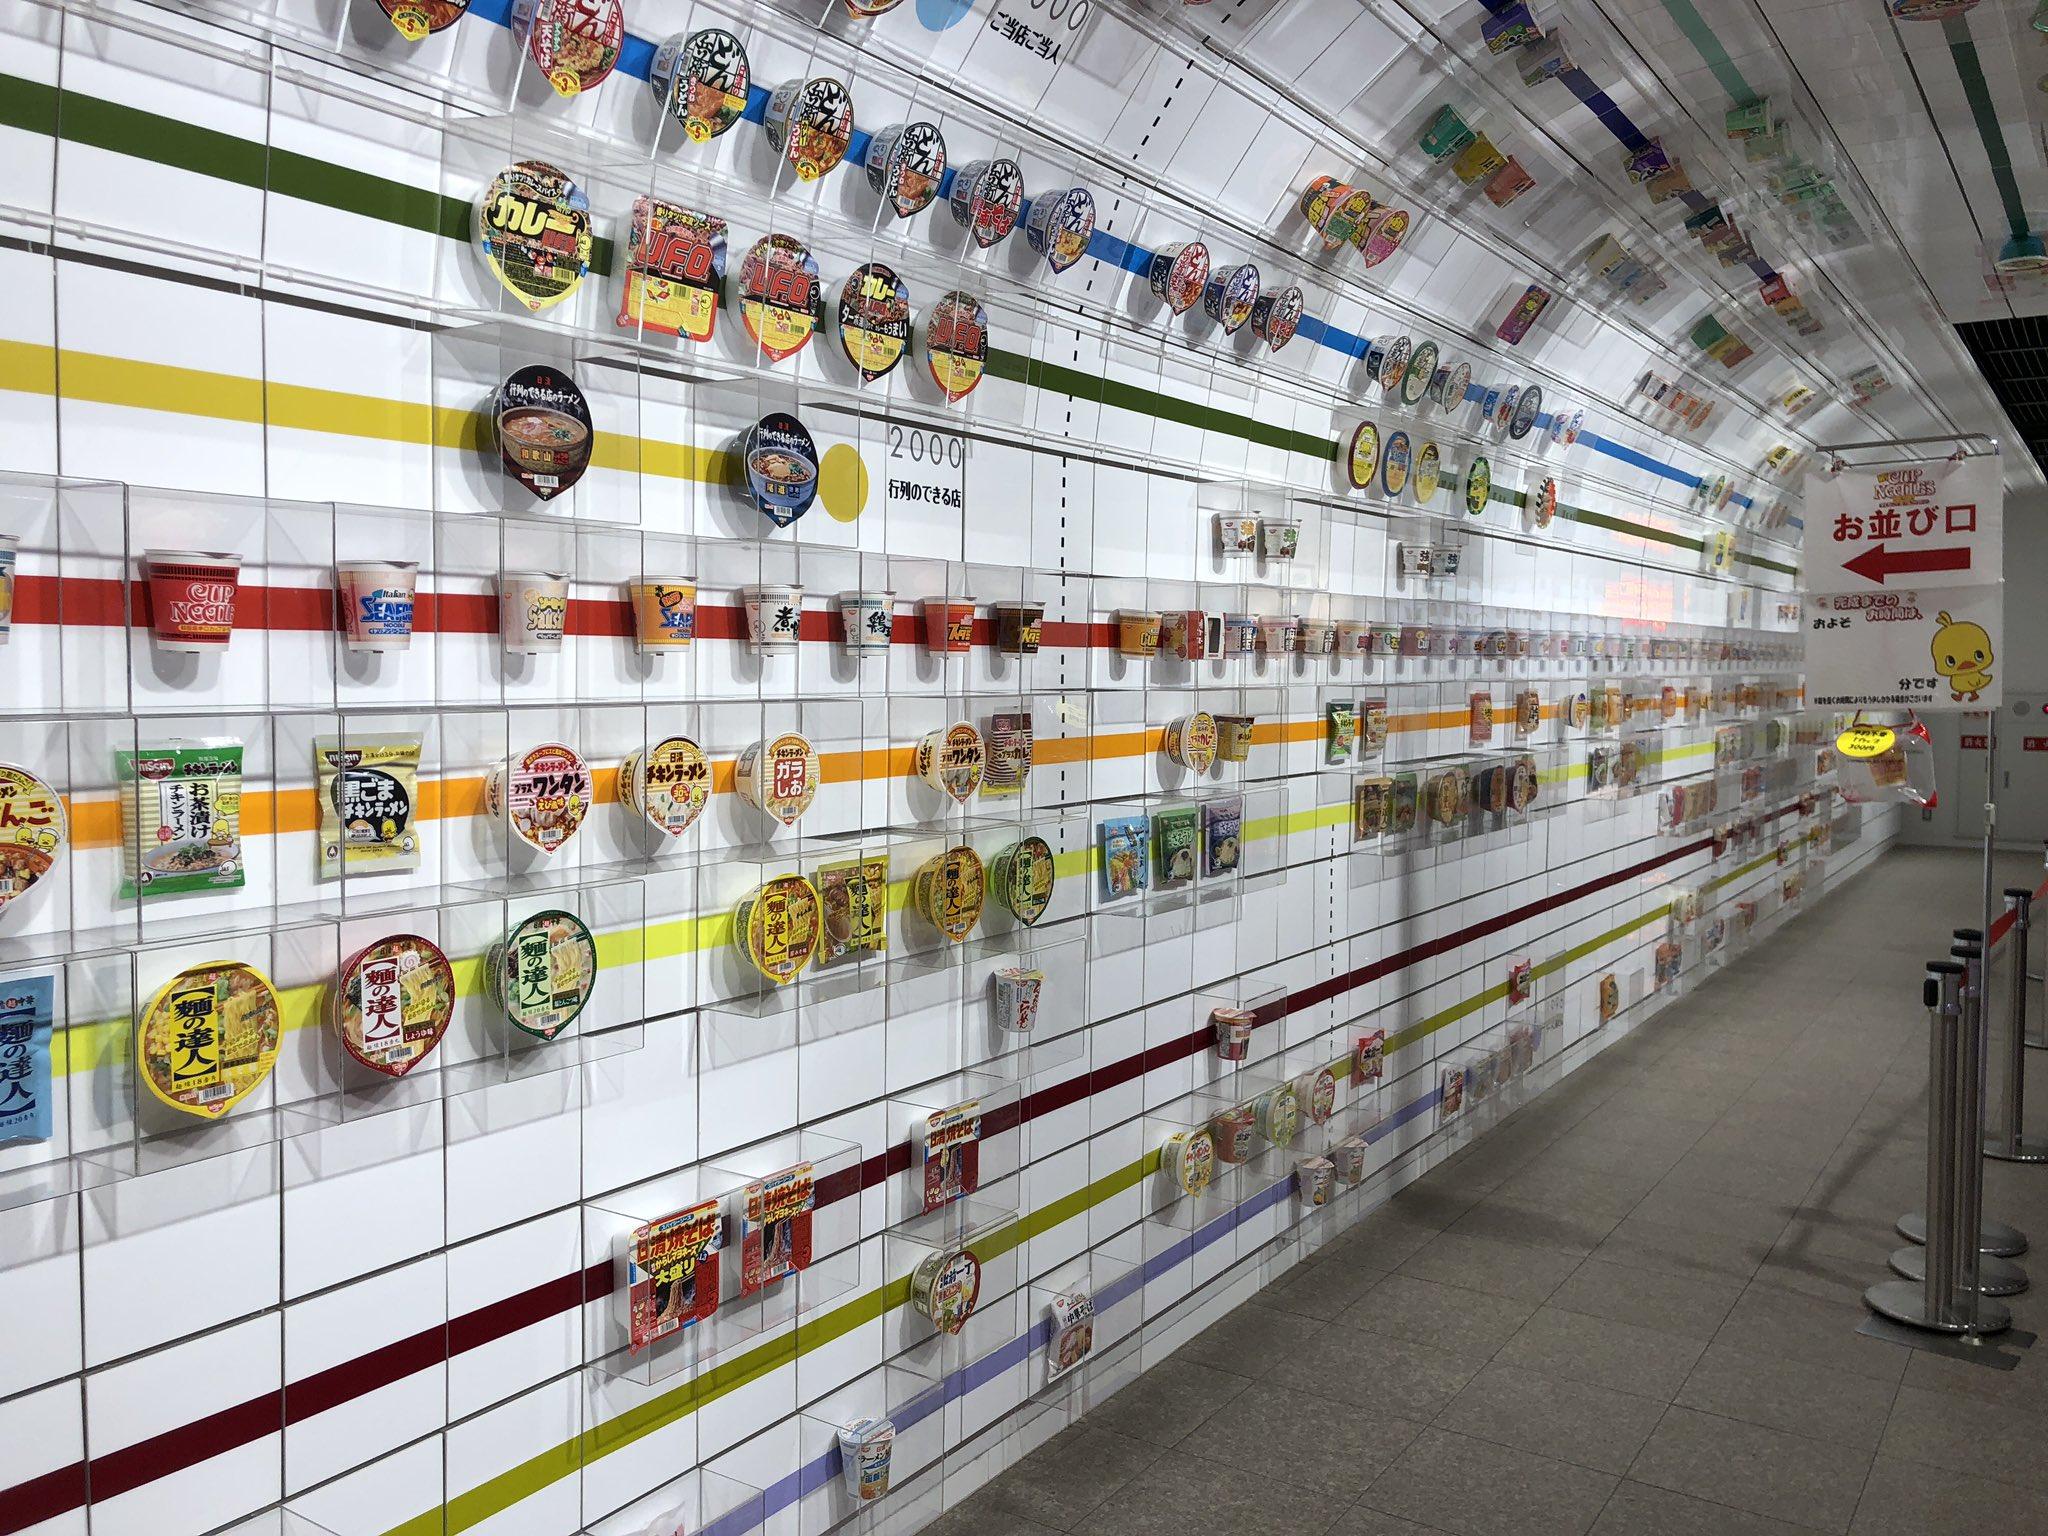 カップ麺の歴史みたいな https://t.co/gGJUoMf7NL